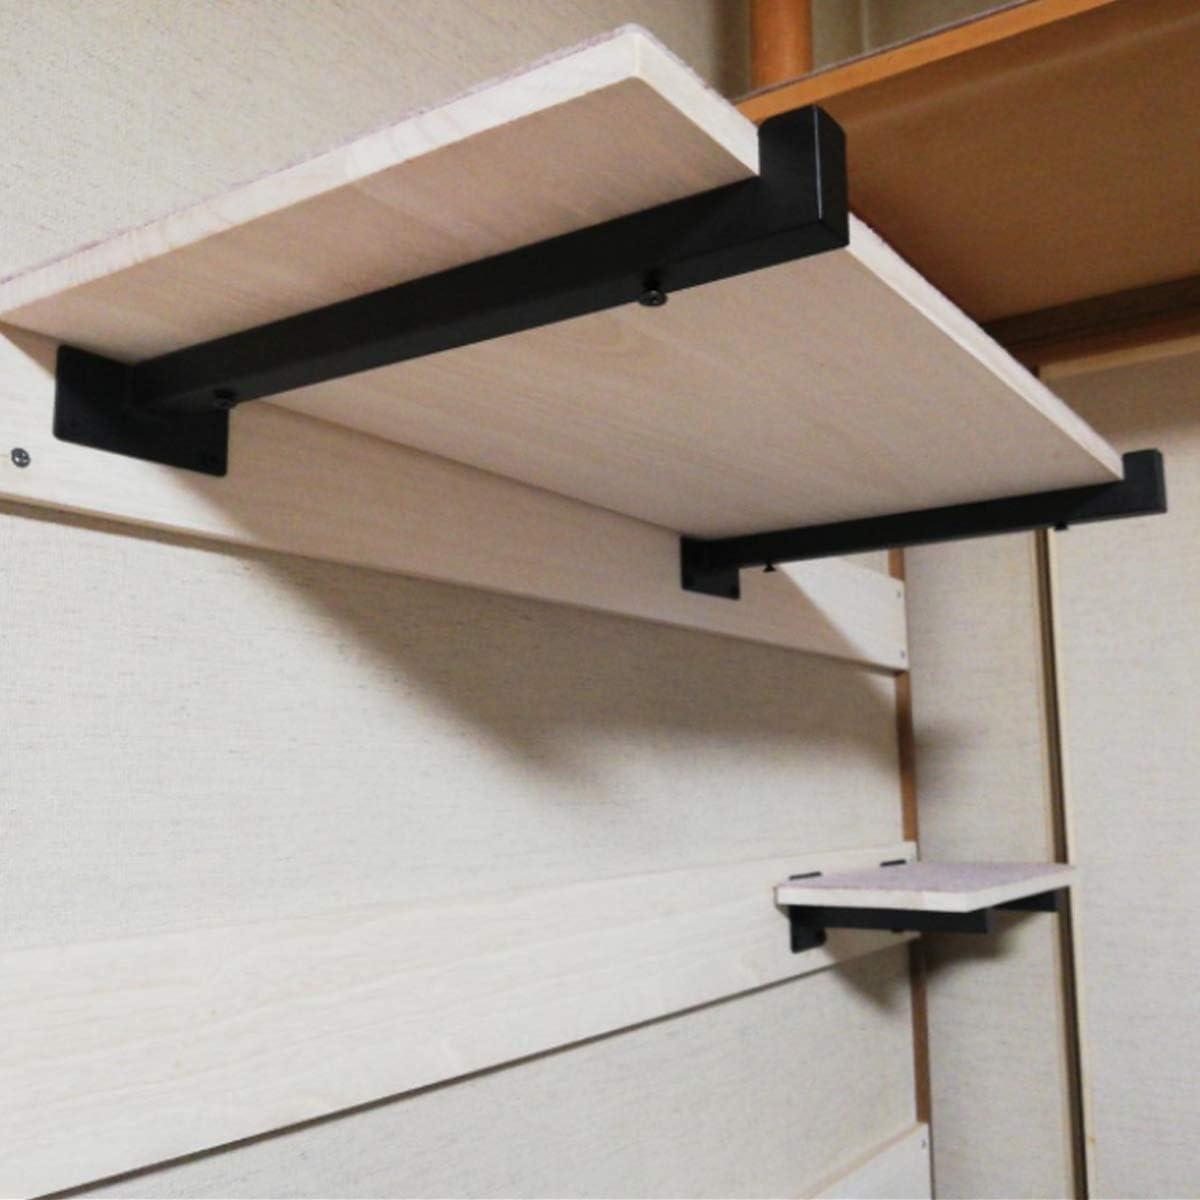 soporte para bricolaje 20cm Soportes de pared para estantes flotantes paquete de 2 Homtone Soporte para Estanter/ías de Metal